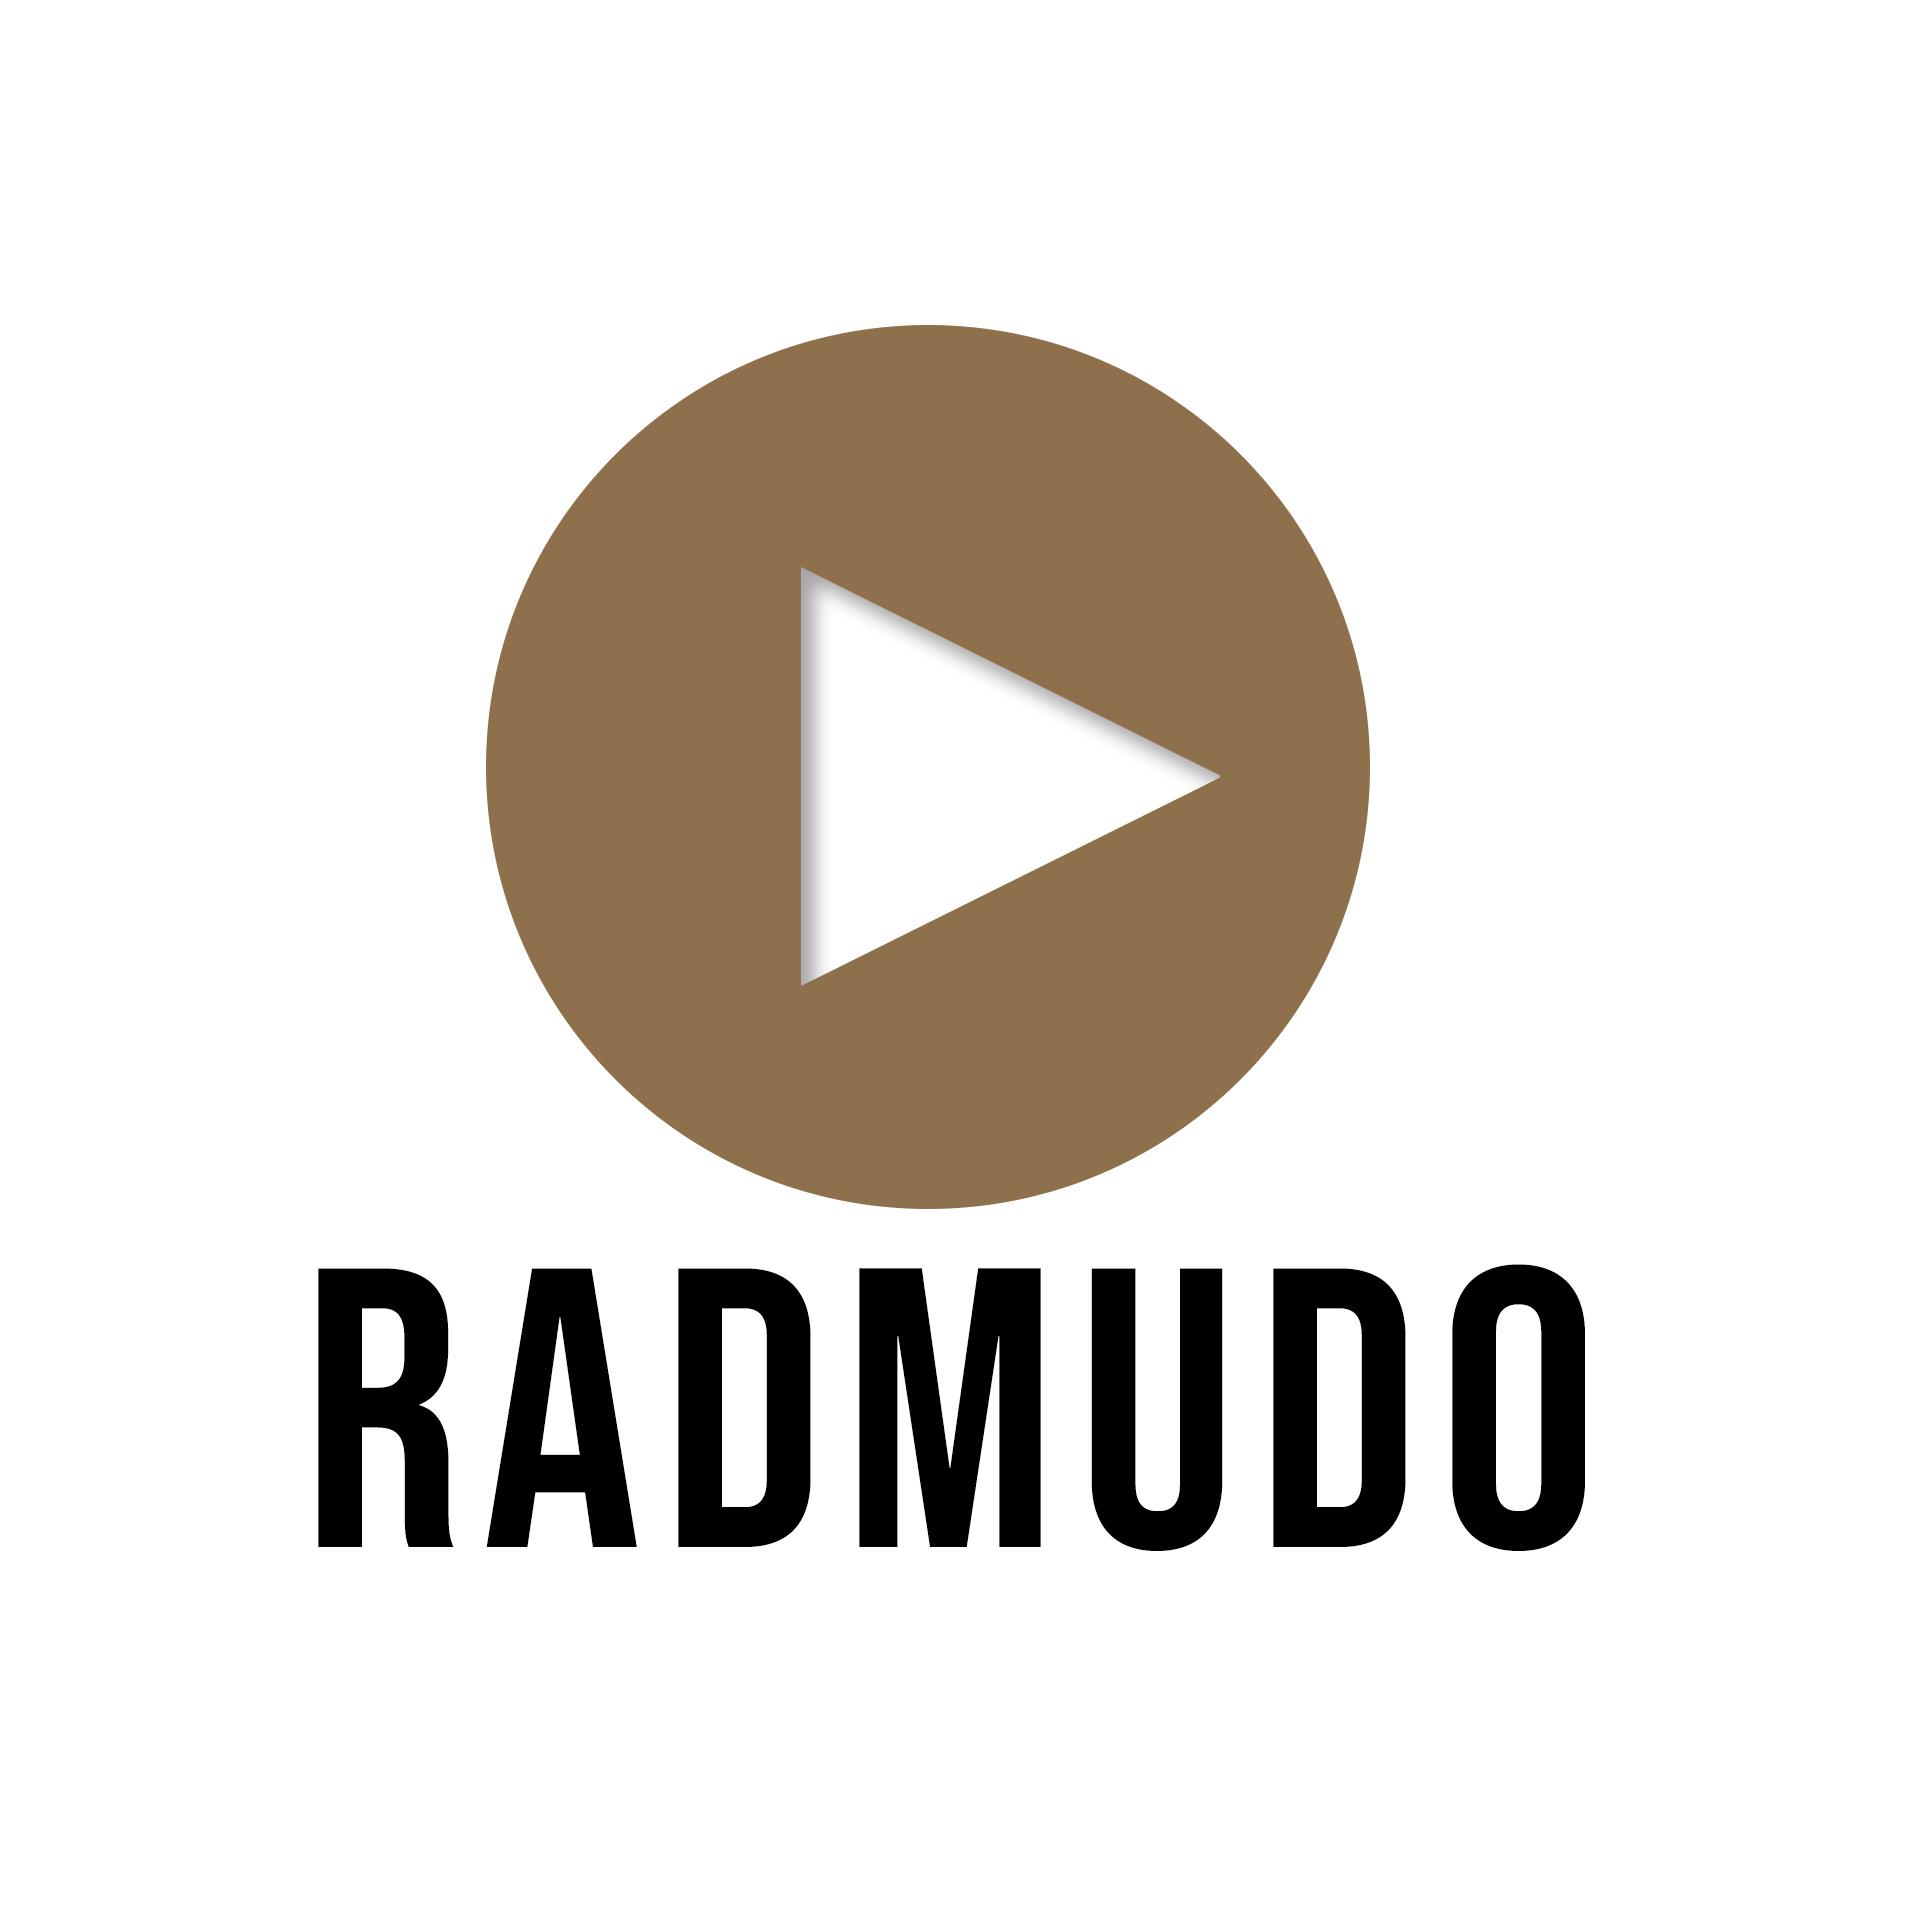 Radmudo